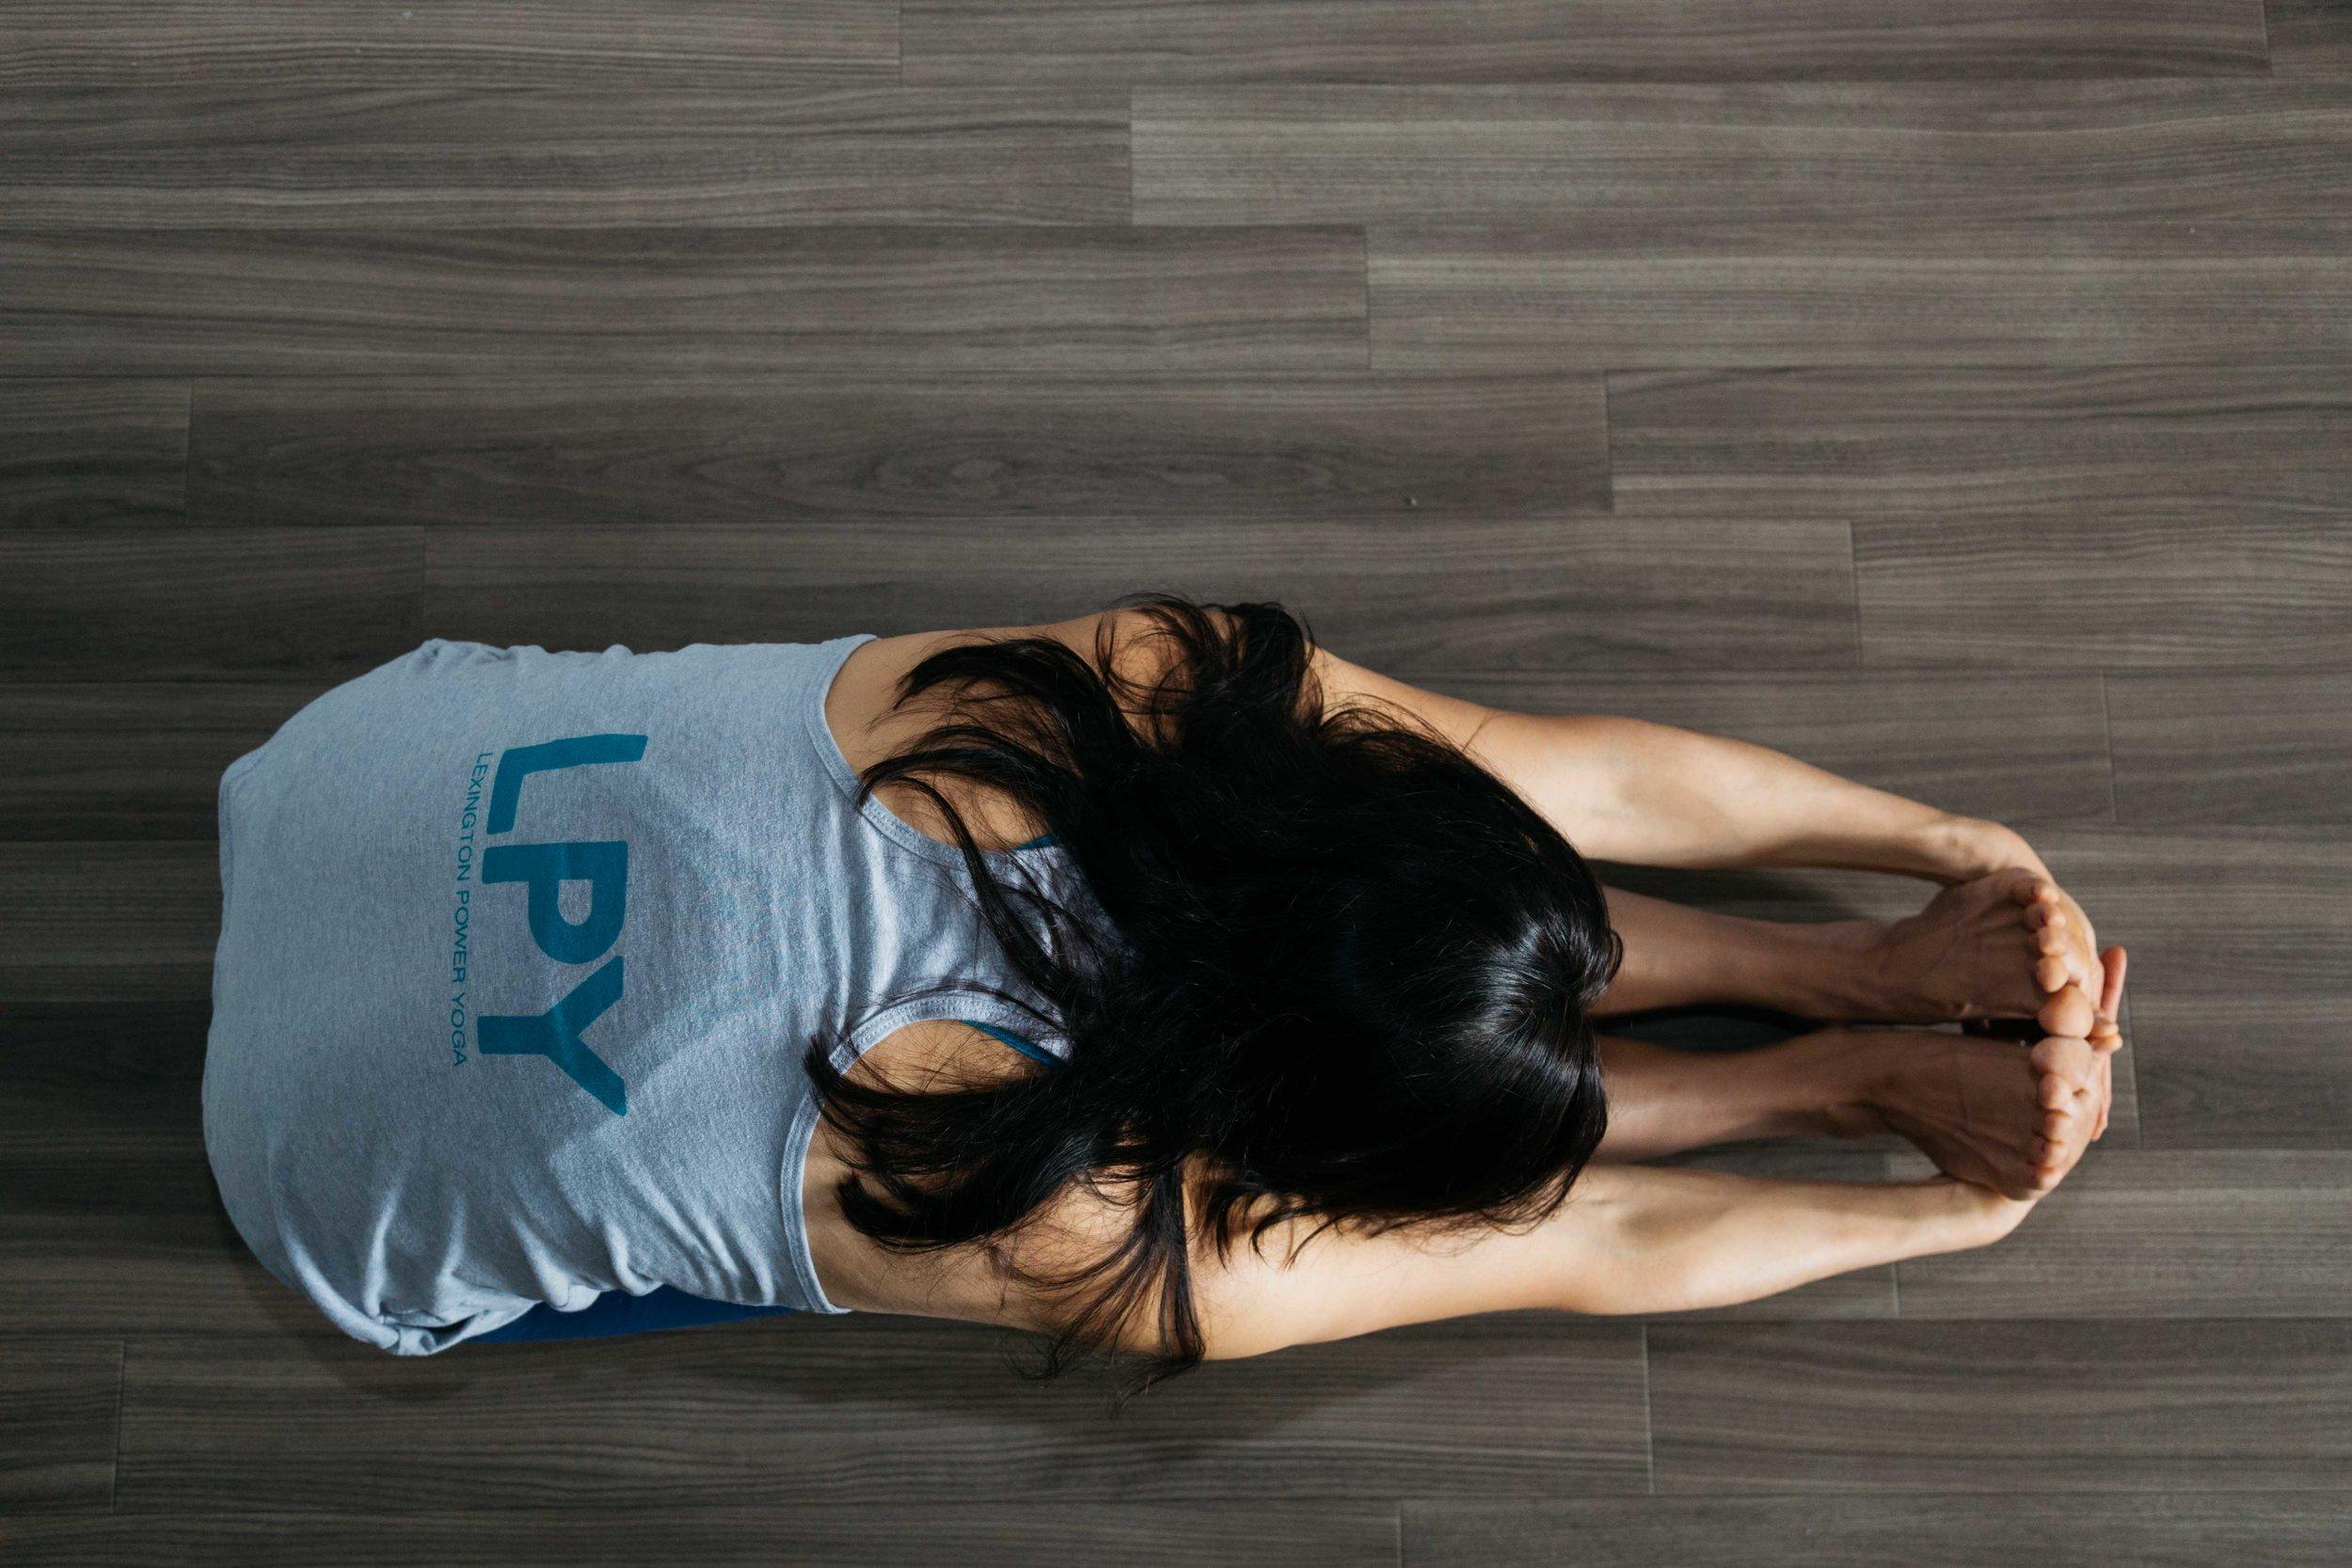 boston-yoga-photographer-19.jpg